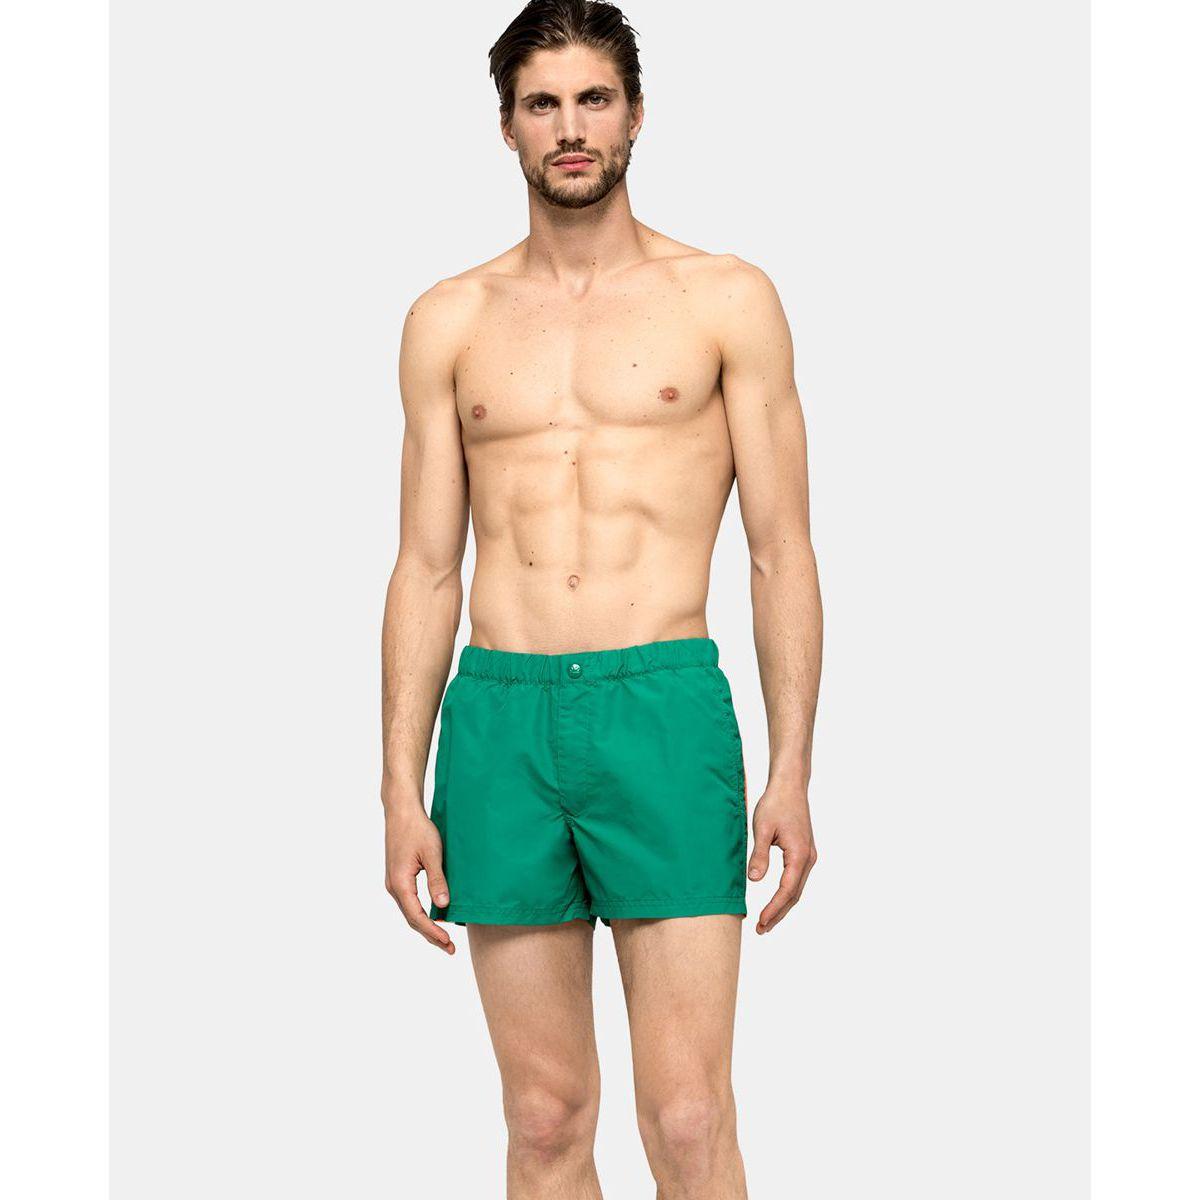 SHORT whith elastic Emerald green Sundek